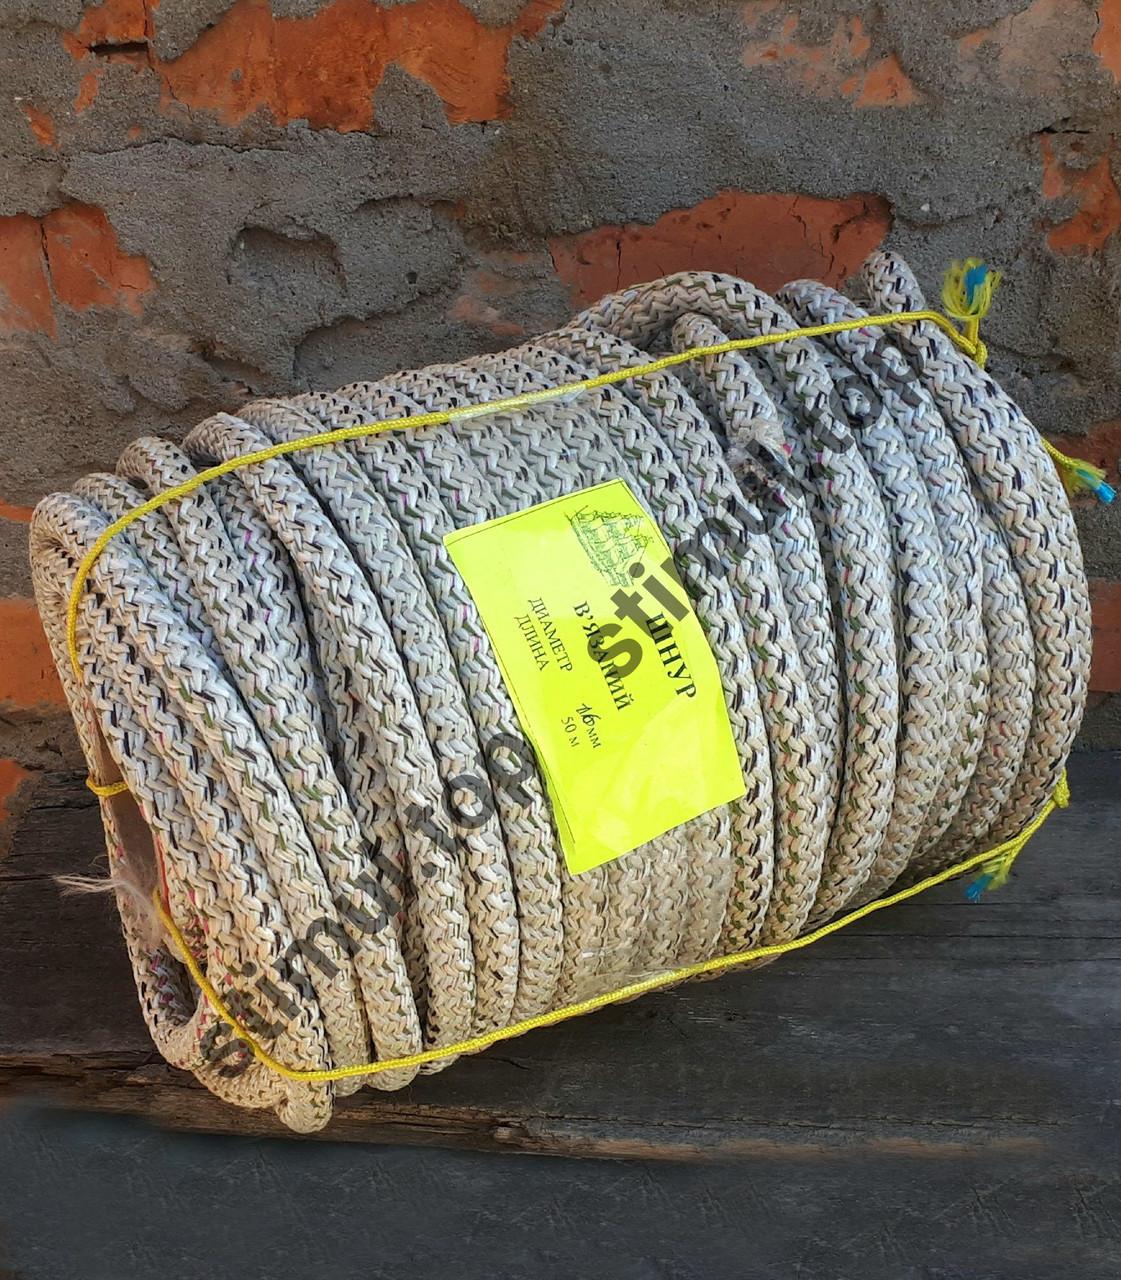 Шнур вязаный полипропиленовый Ø 12 мм - 50 метров/моток - канат хозяйственный плетеный - веревка